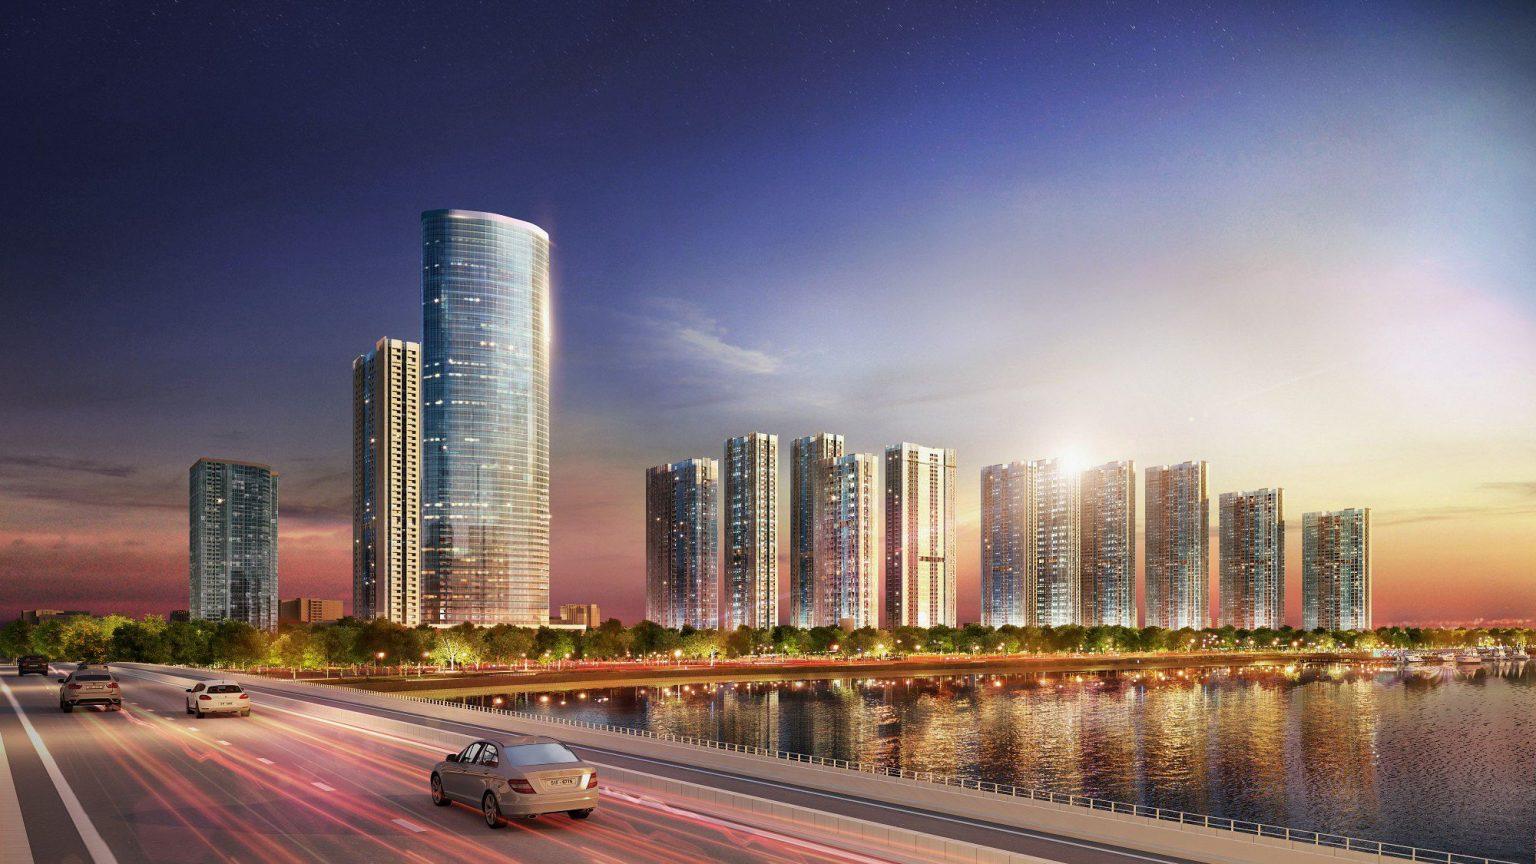 Phối cảnh nhìn từ sông Sài Gòn vào dự án căn hộ Grand Marina Quận 1